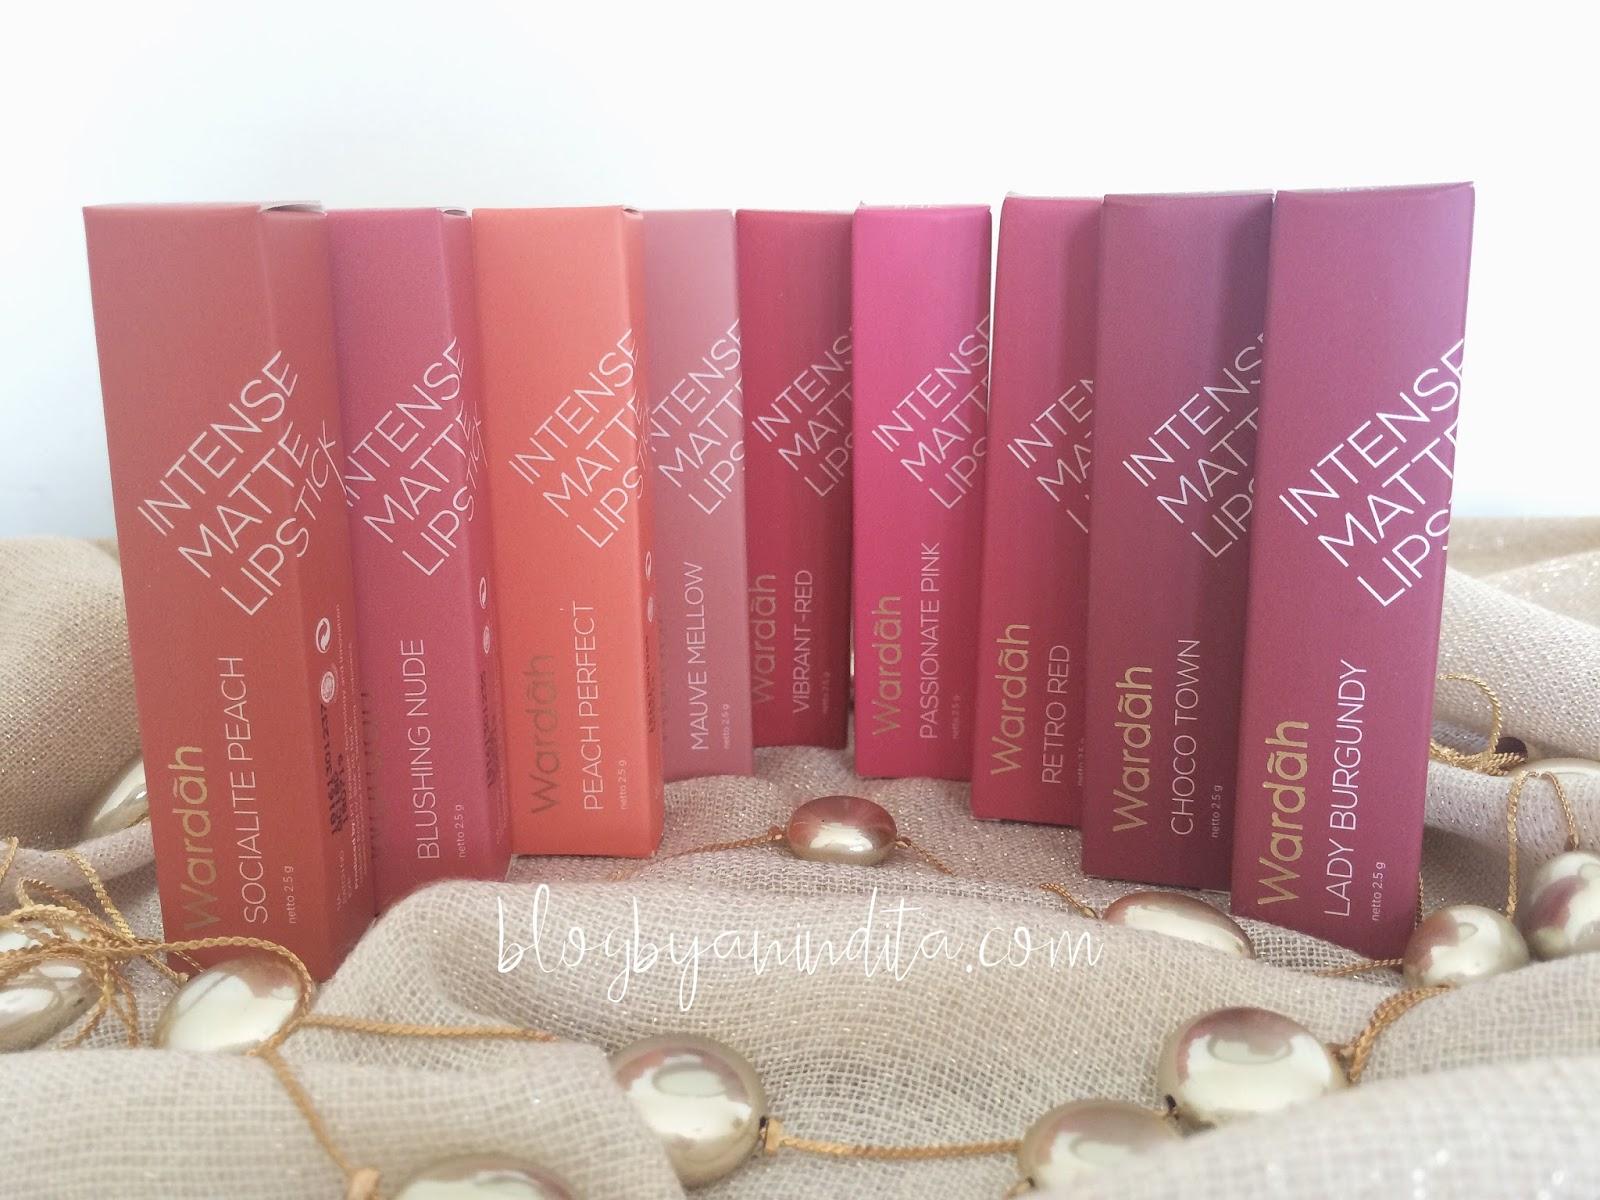 Blog By Anindita Beauty Review Wardah Intense Matte Lipstick Lipstik No9 Untuk Lipsticknya Sendiri Kemasannya Menurut Saya Mirip Sama Dengan Yang Seri Longlasting Jadi Kalau Pas Kardus Luarnya Kebuang